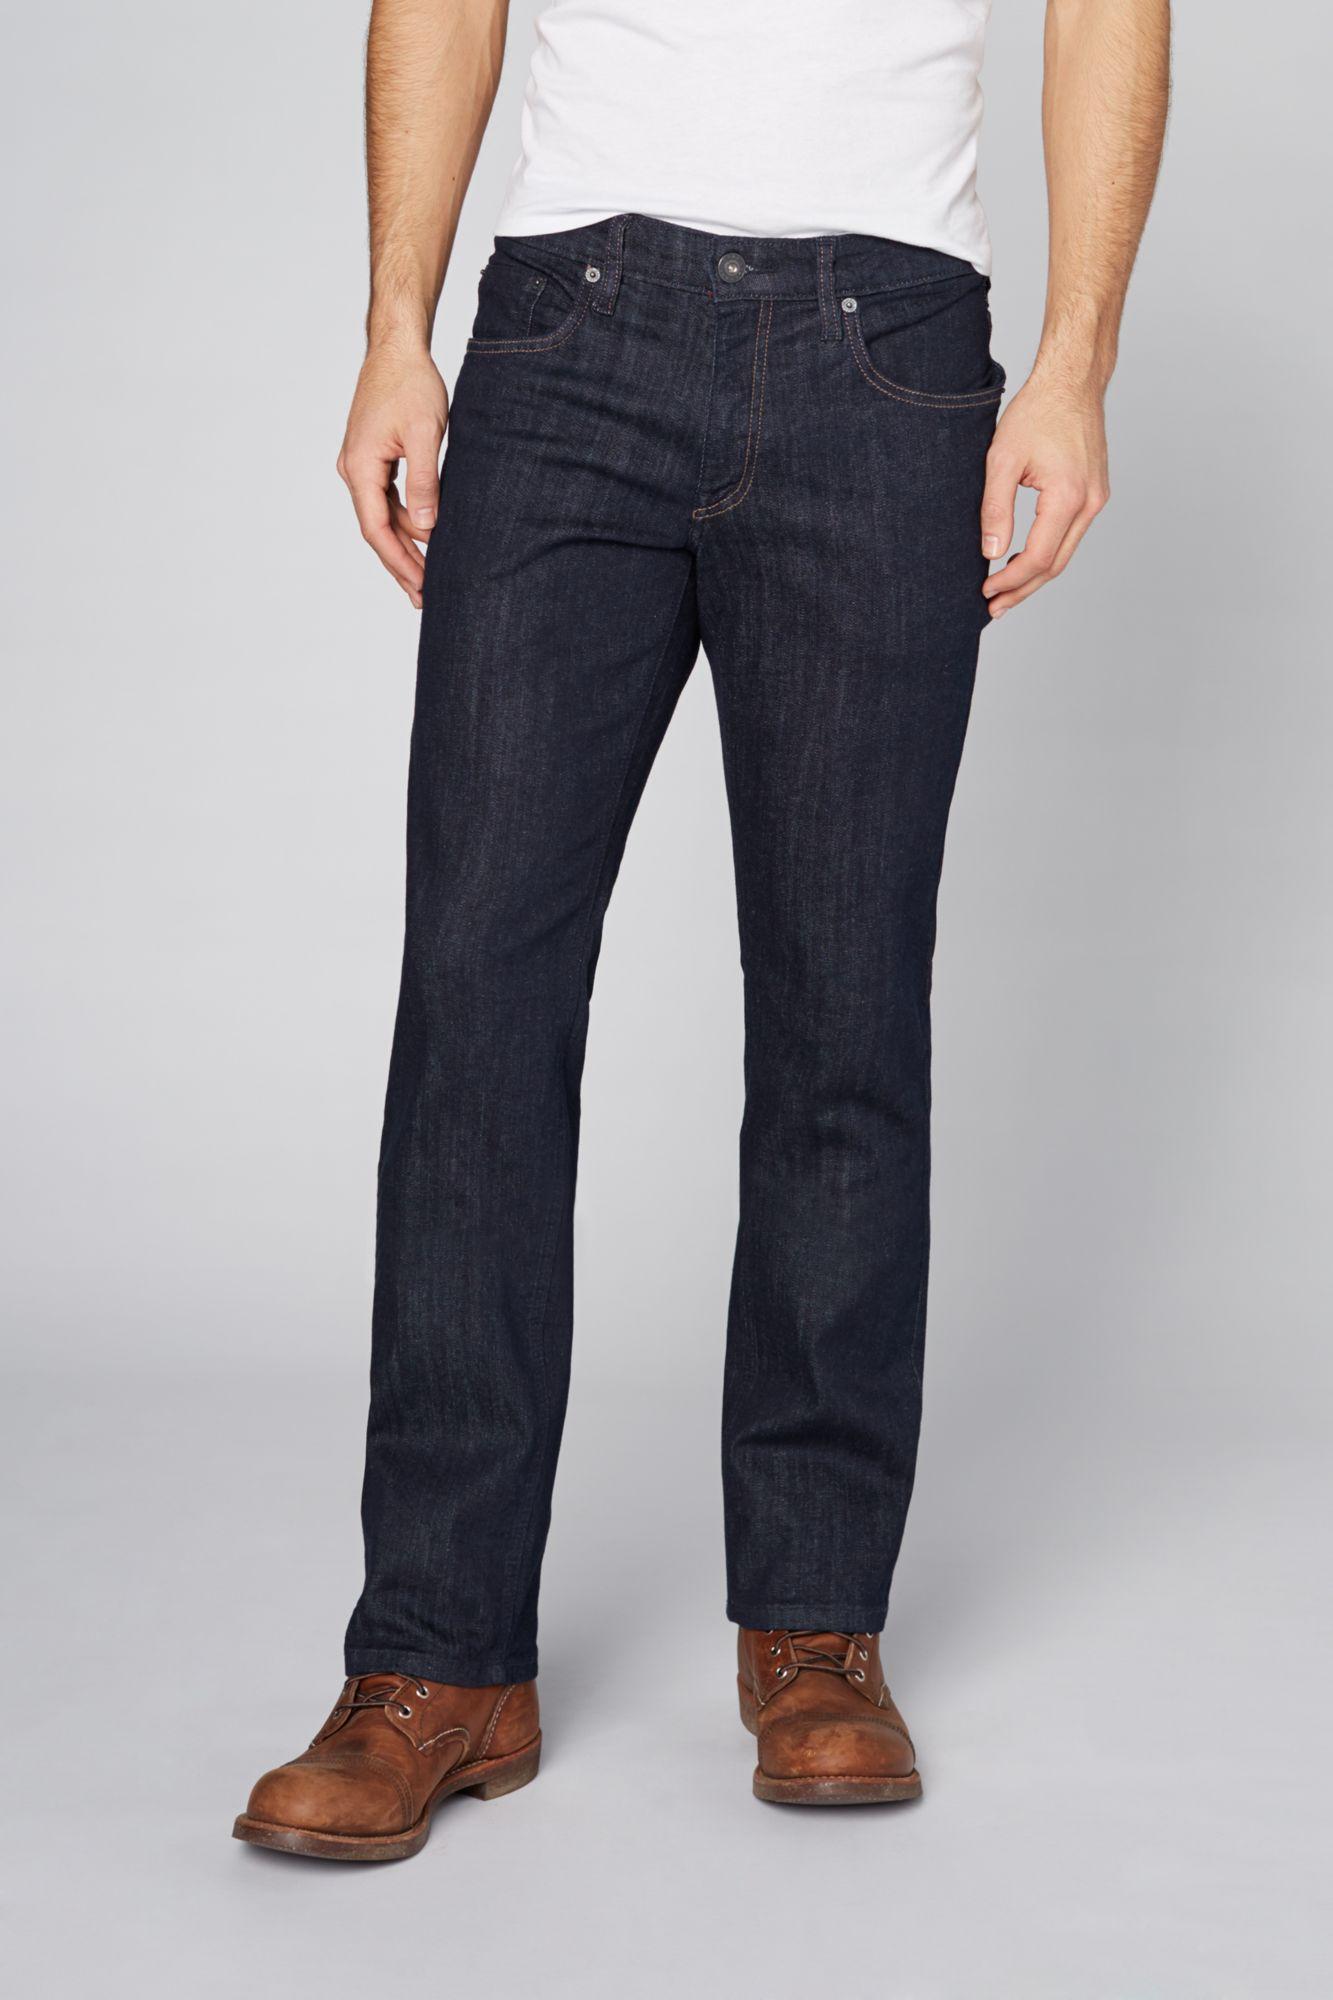 COLORADO DENIM  Jeans »C930 STAN Herren Jeans«